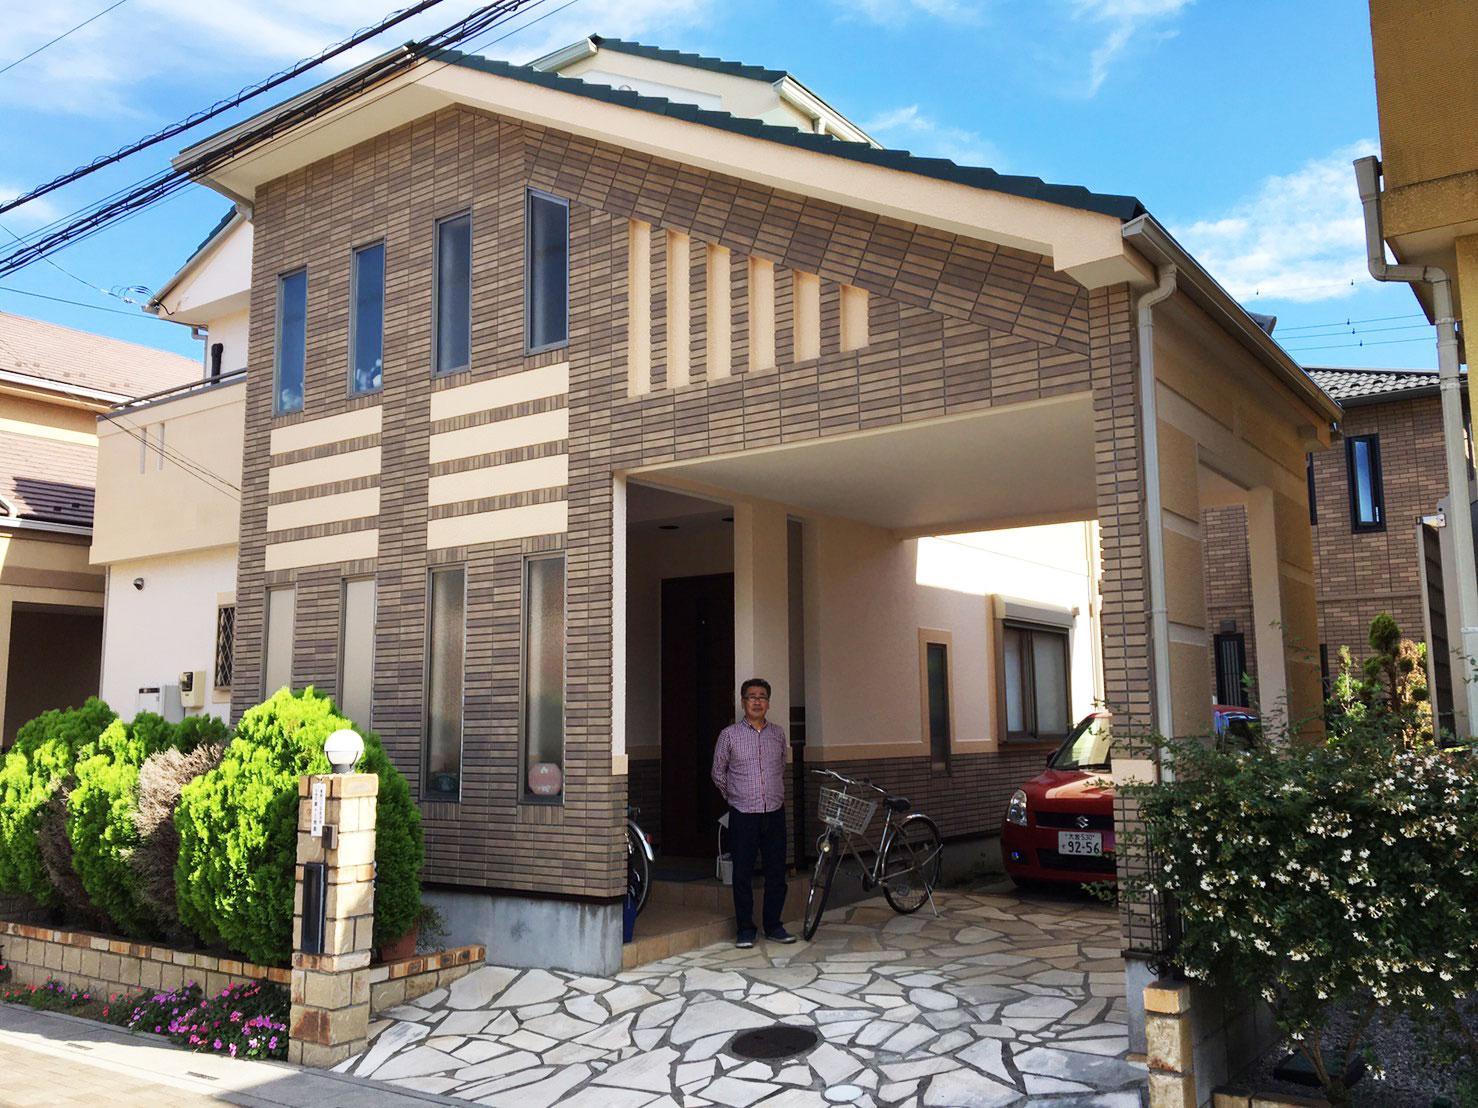 埼玉県 白岡市  屋根塗装・外壁塗装 M様邸 | ケイナスホーム 埼玉 7